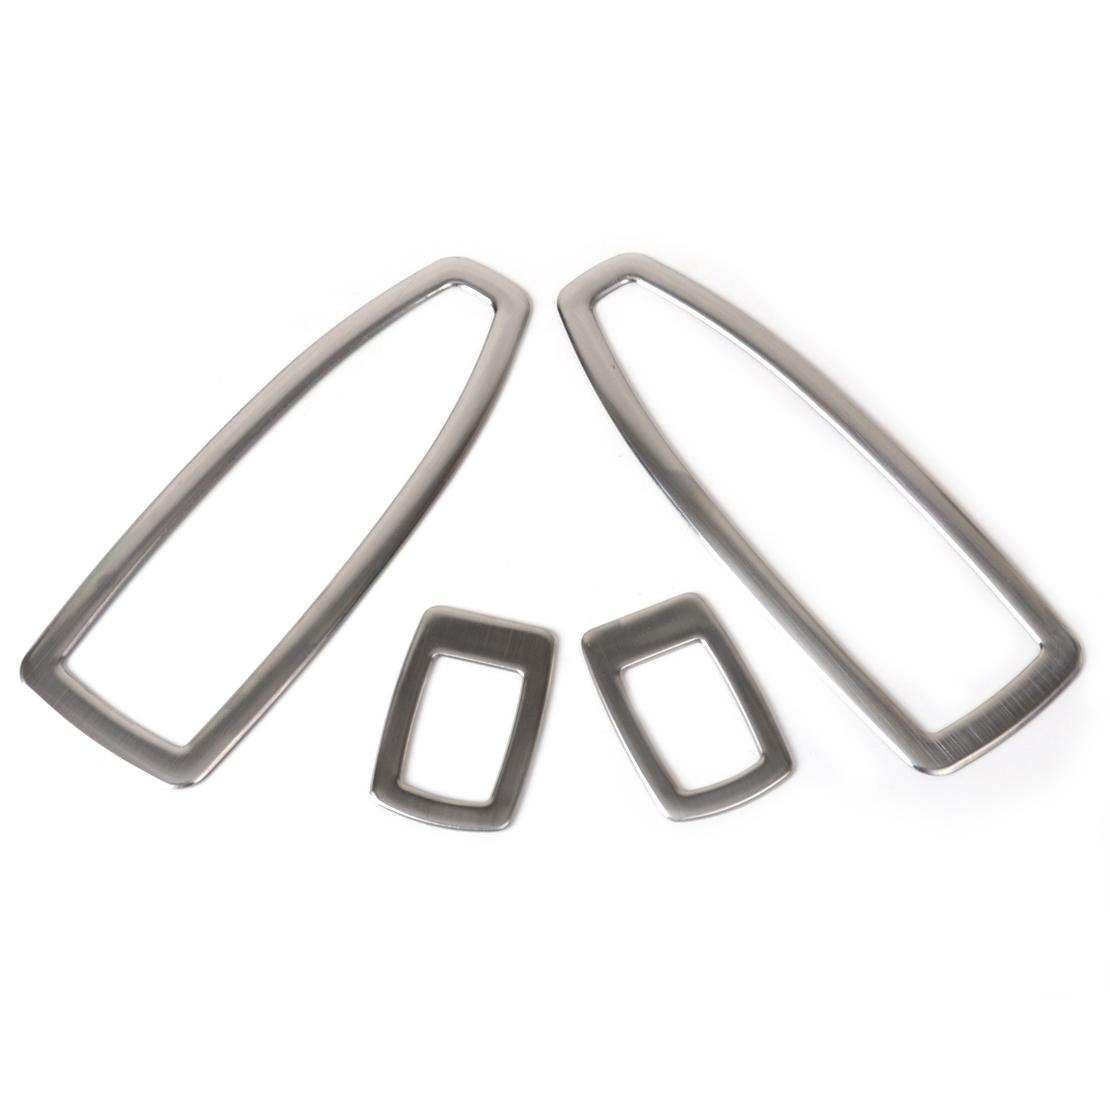 Rahmen für BMW 3er F30 F34 Lenkrad-Ring,Fenster-Switch